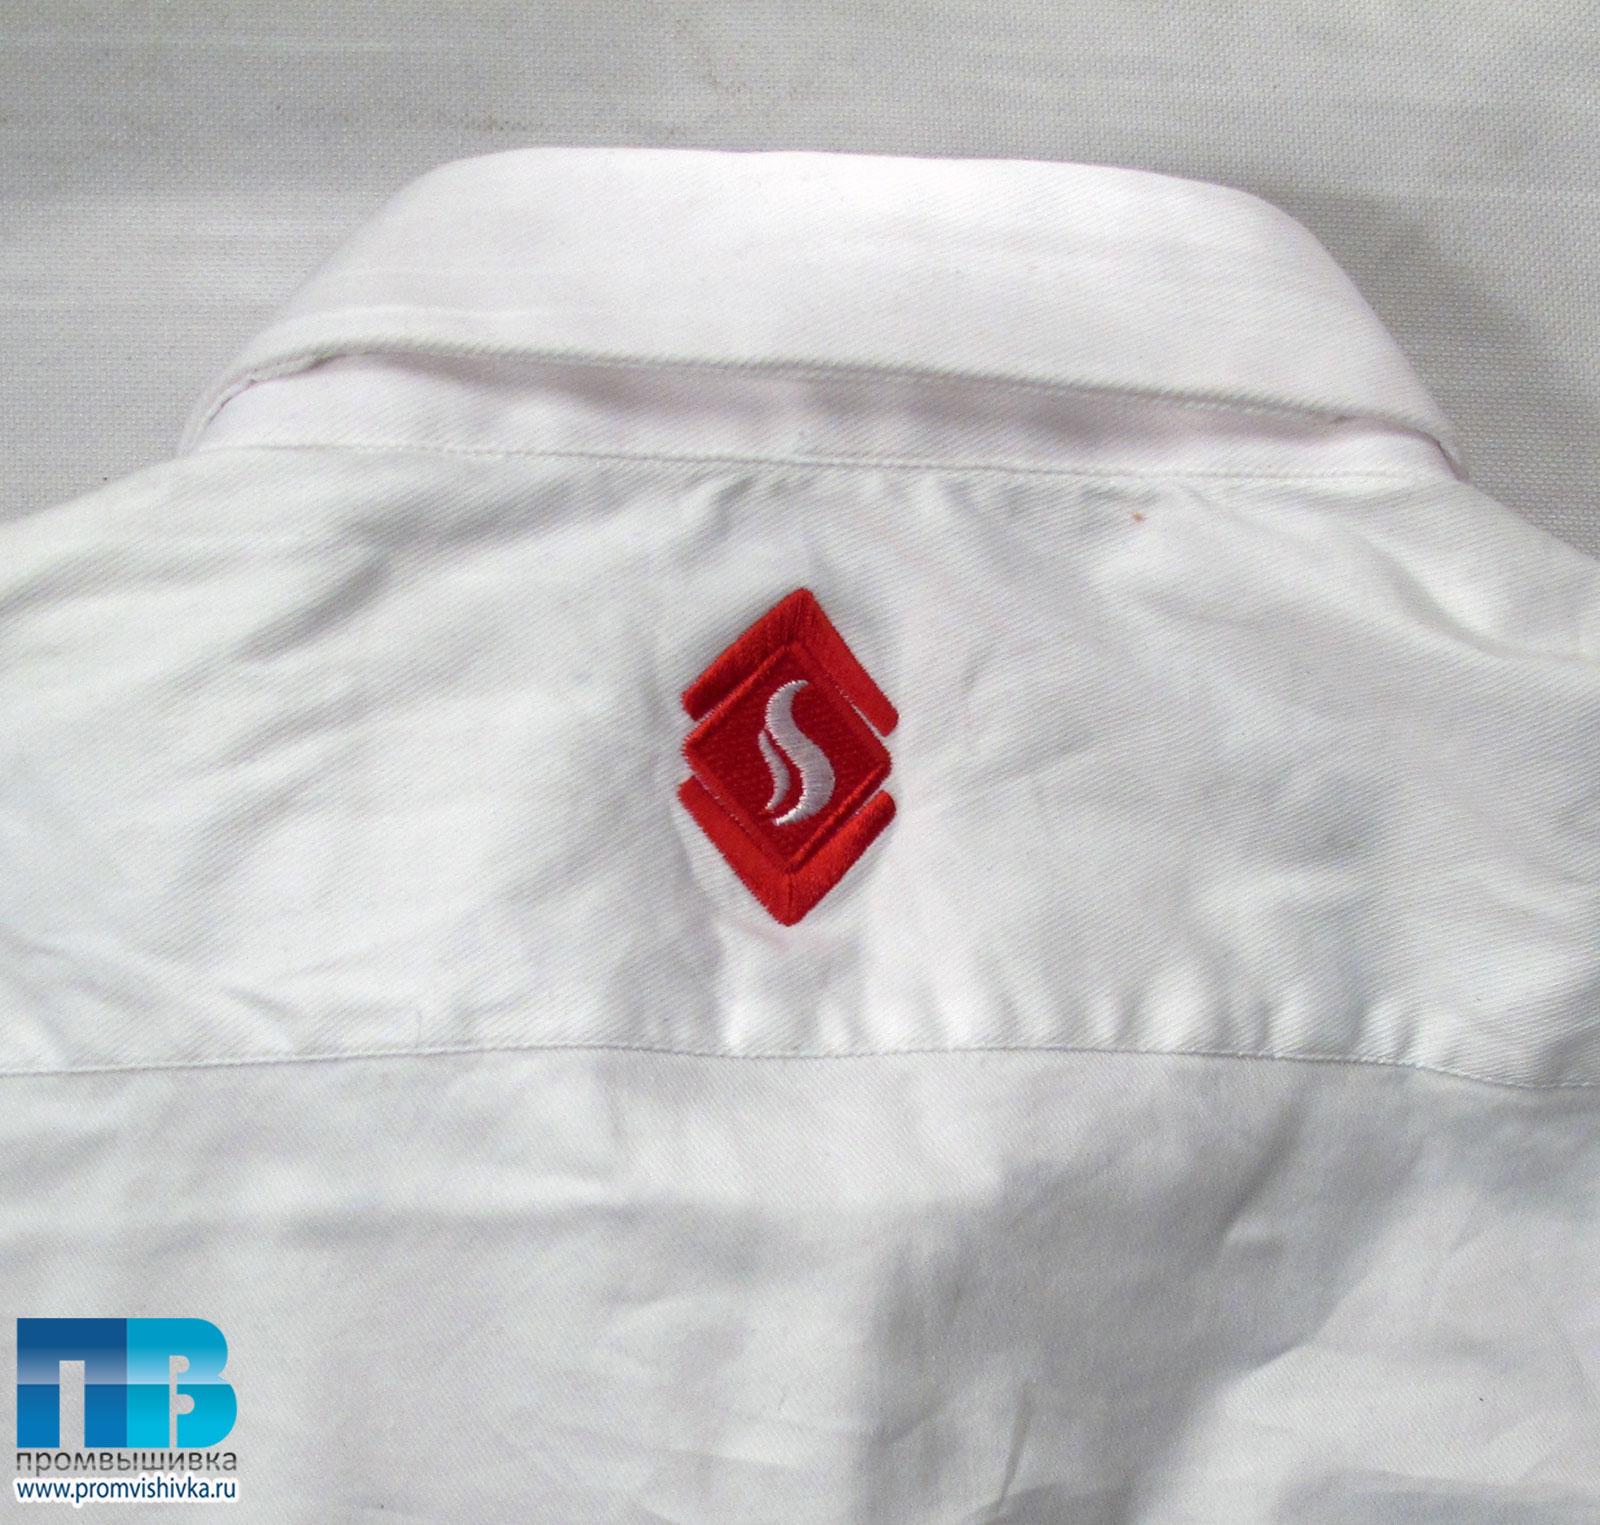 Вышивка логотипа на рубашках